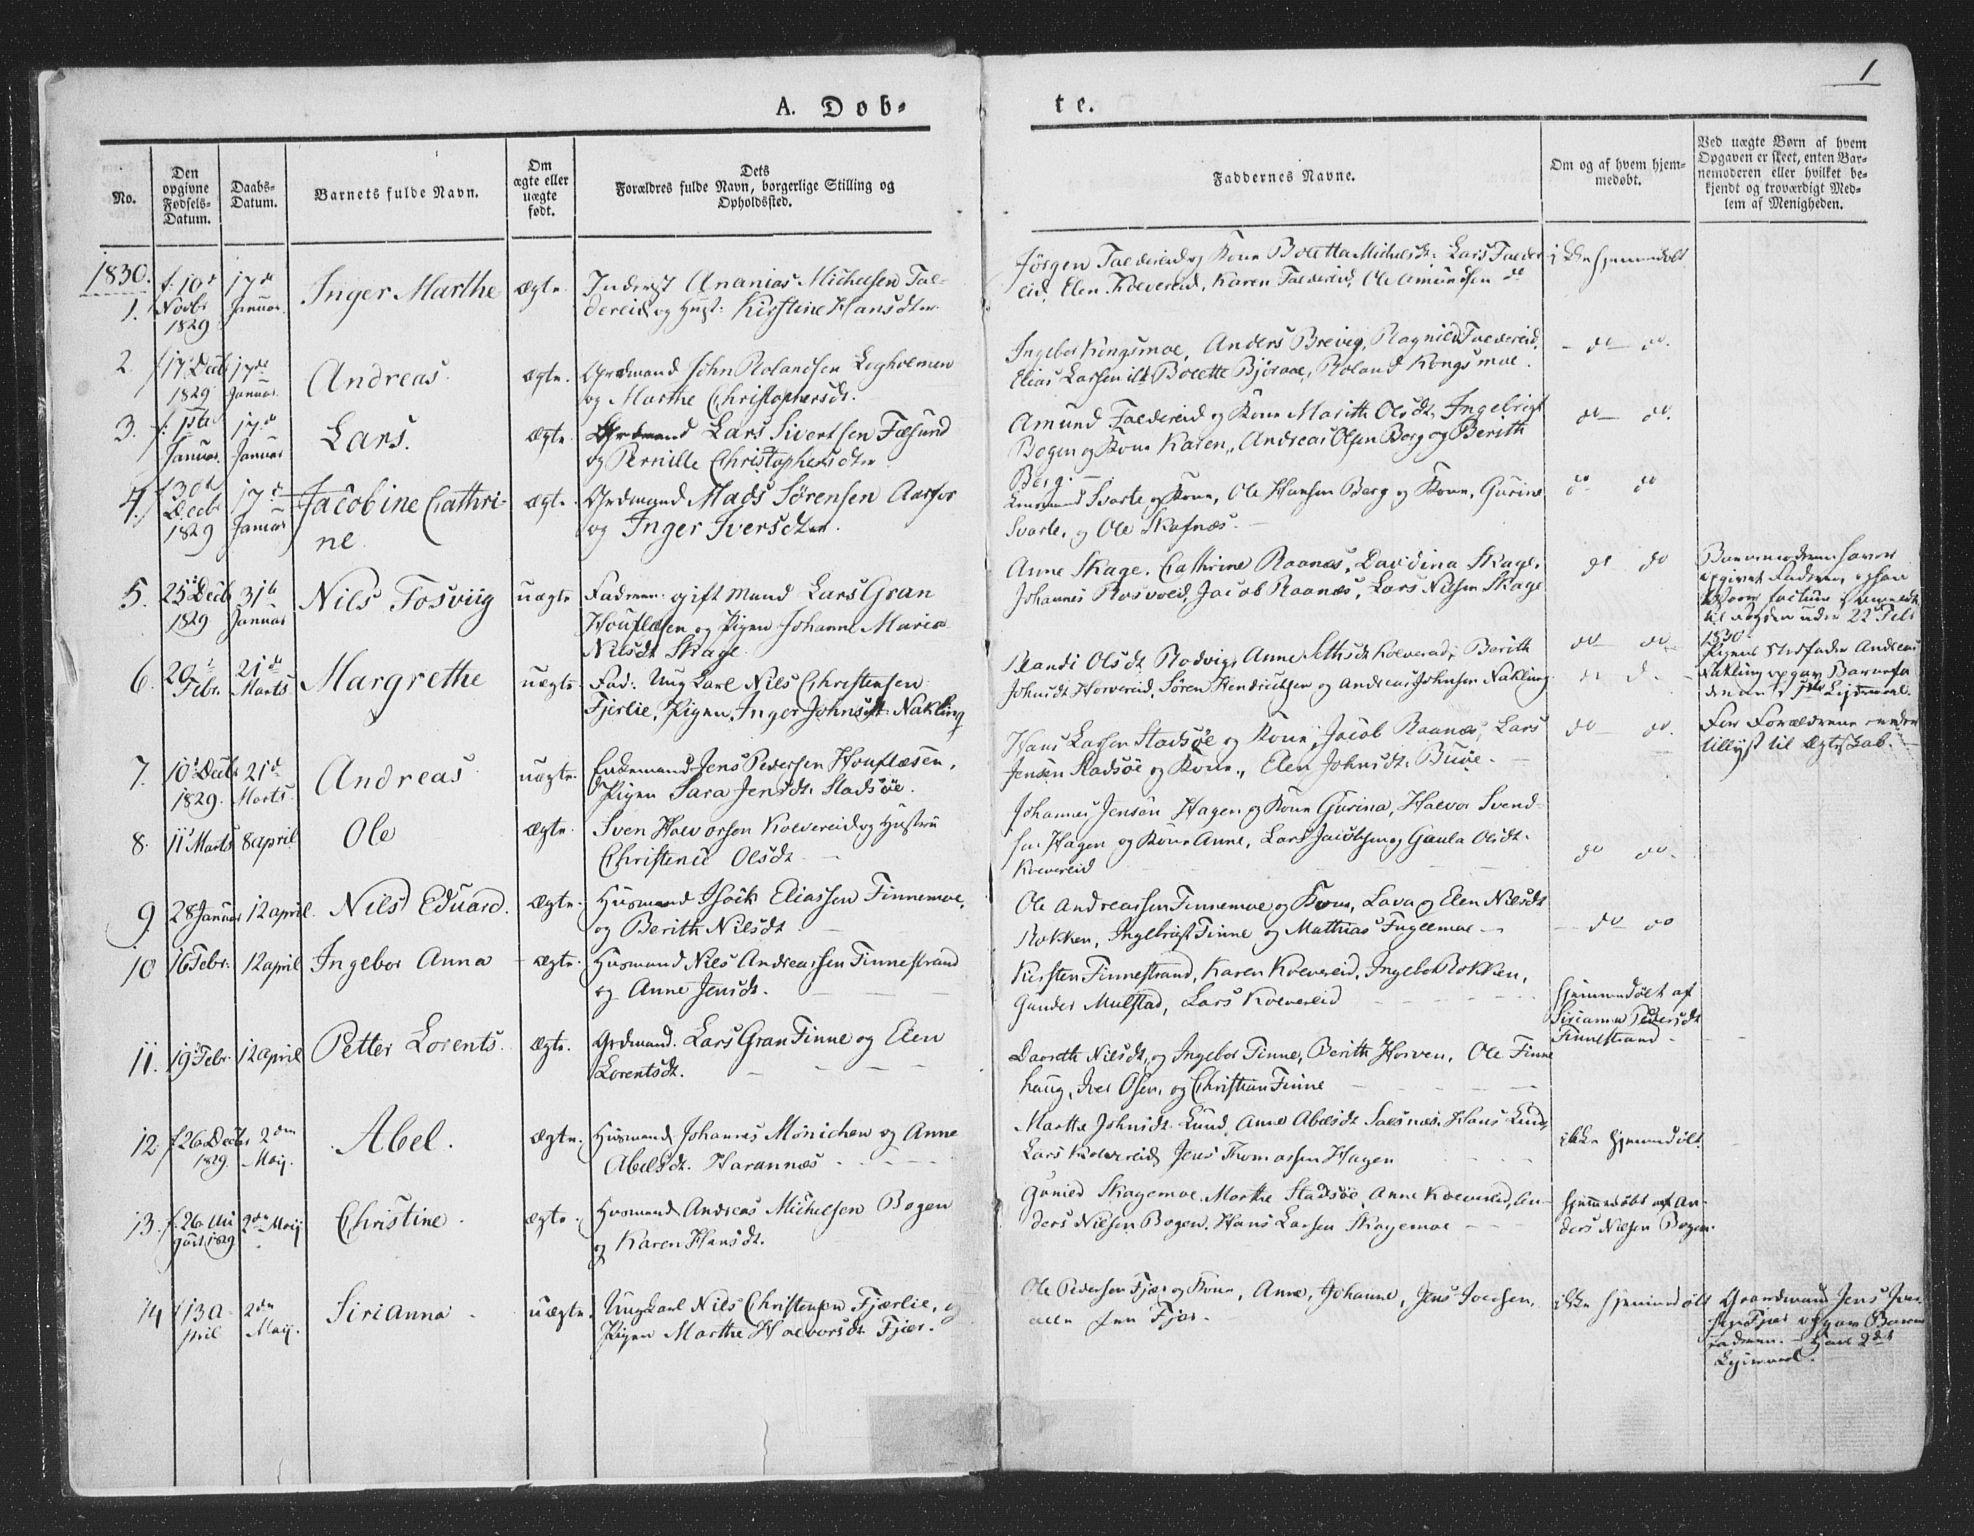 SAT, Ministerialprotokoller, klokkerbøker og fødselsregistre - Nord-Trøndelag, 780/L0639: Ministerialbok nr. 780A04, 1830-1844, s. 1